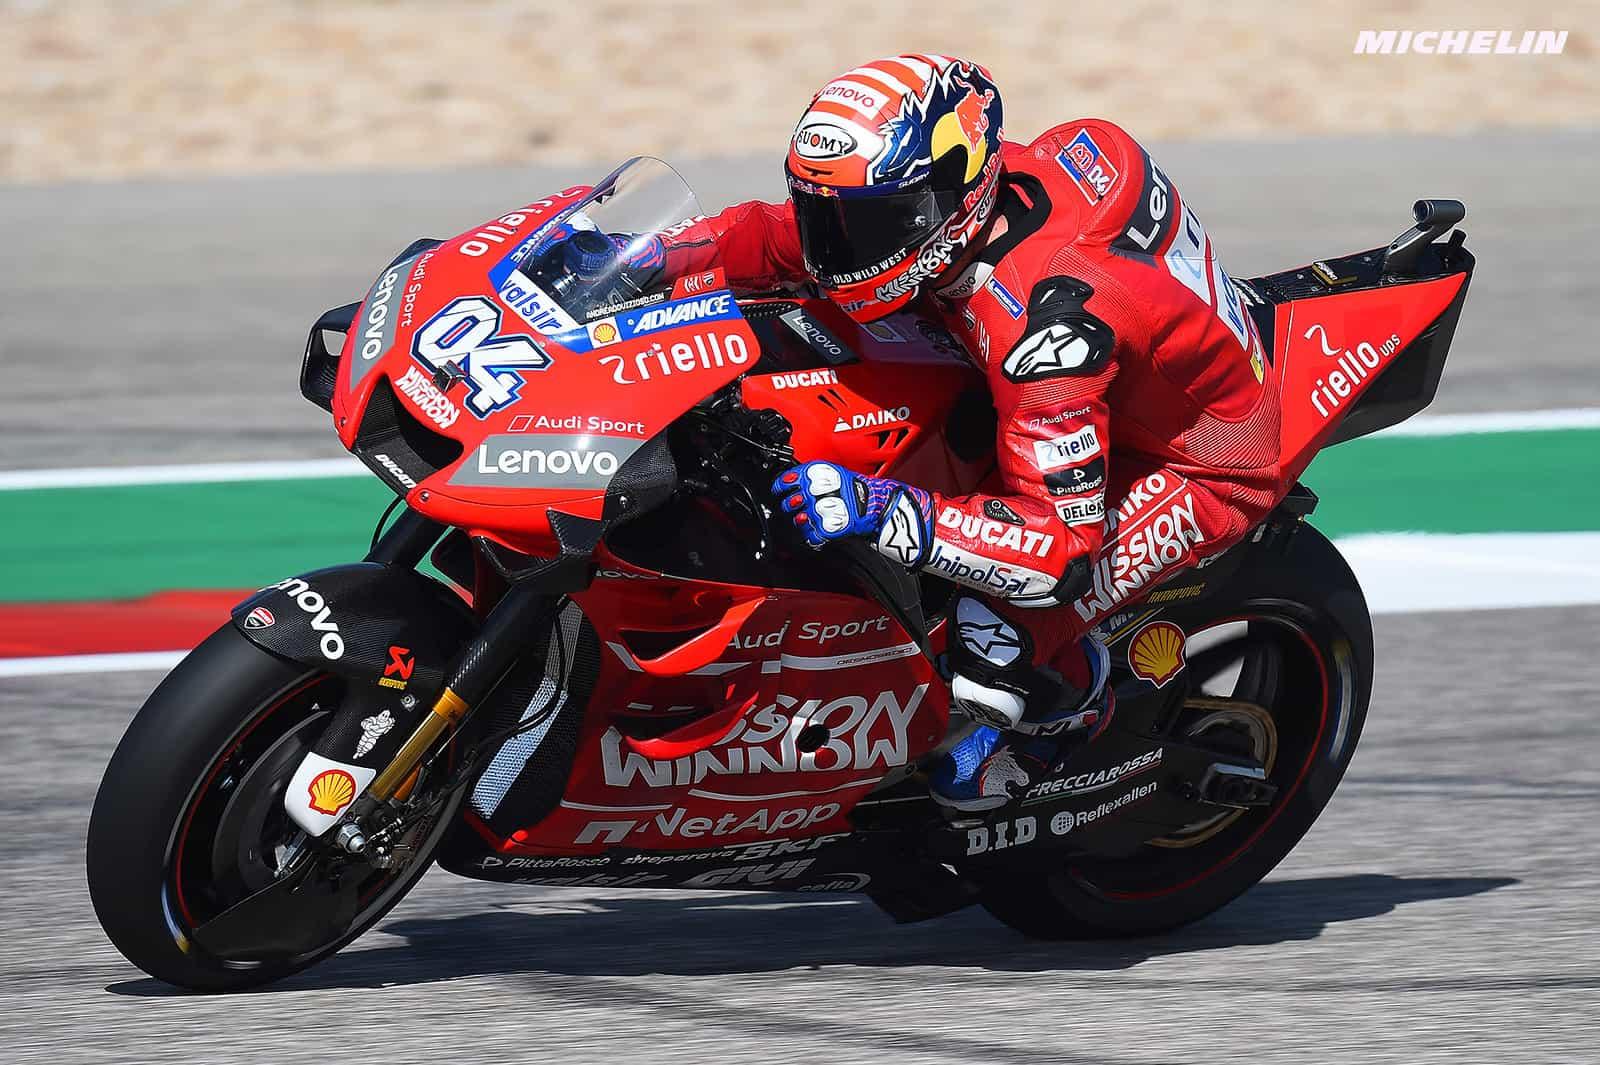 MotoGP2019ヘレスGP ドヴィツィオーゾ「今は集中して作業を続けることが必要」